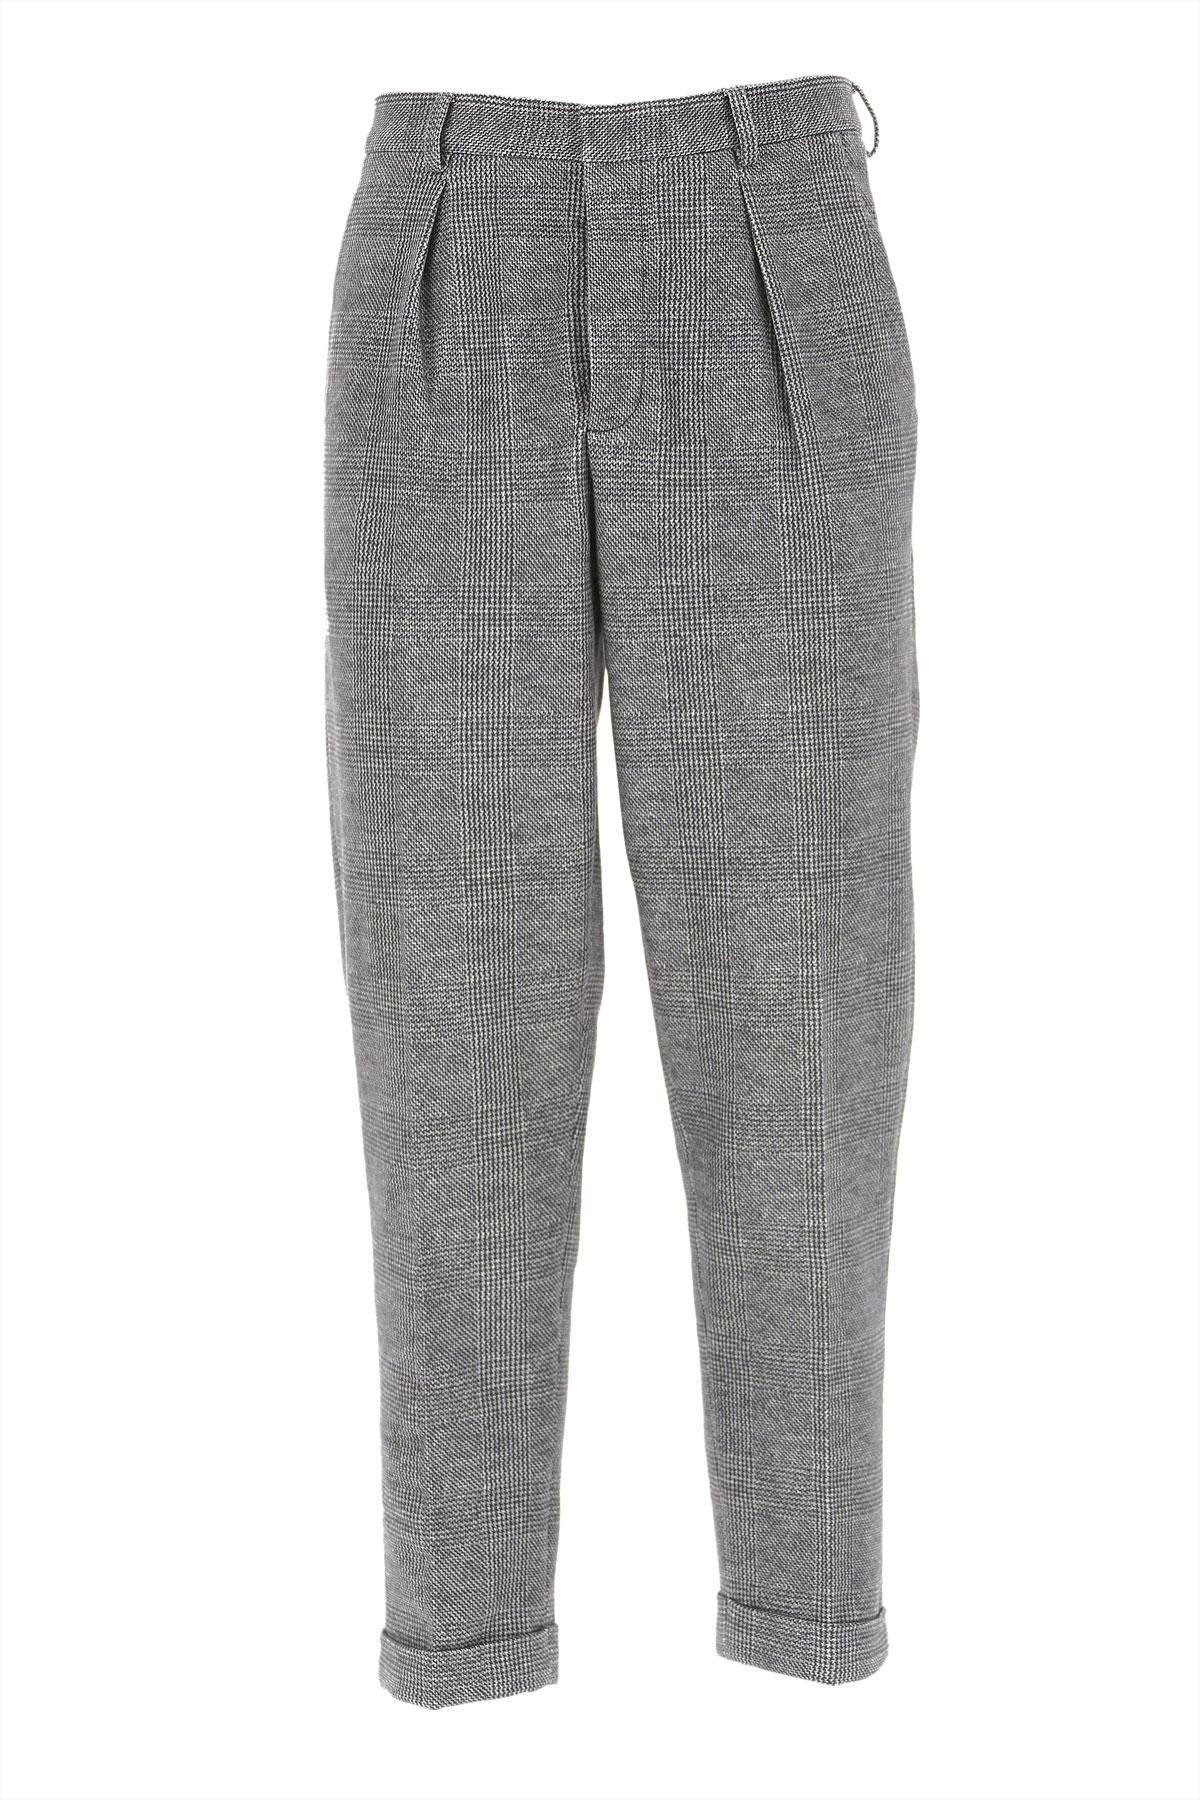 Circolo Pants for Men, Black, Cotton, 2019, 30 34